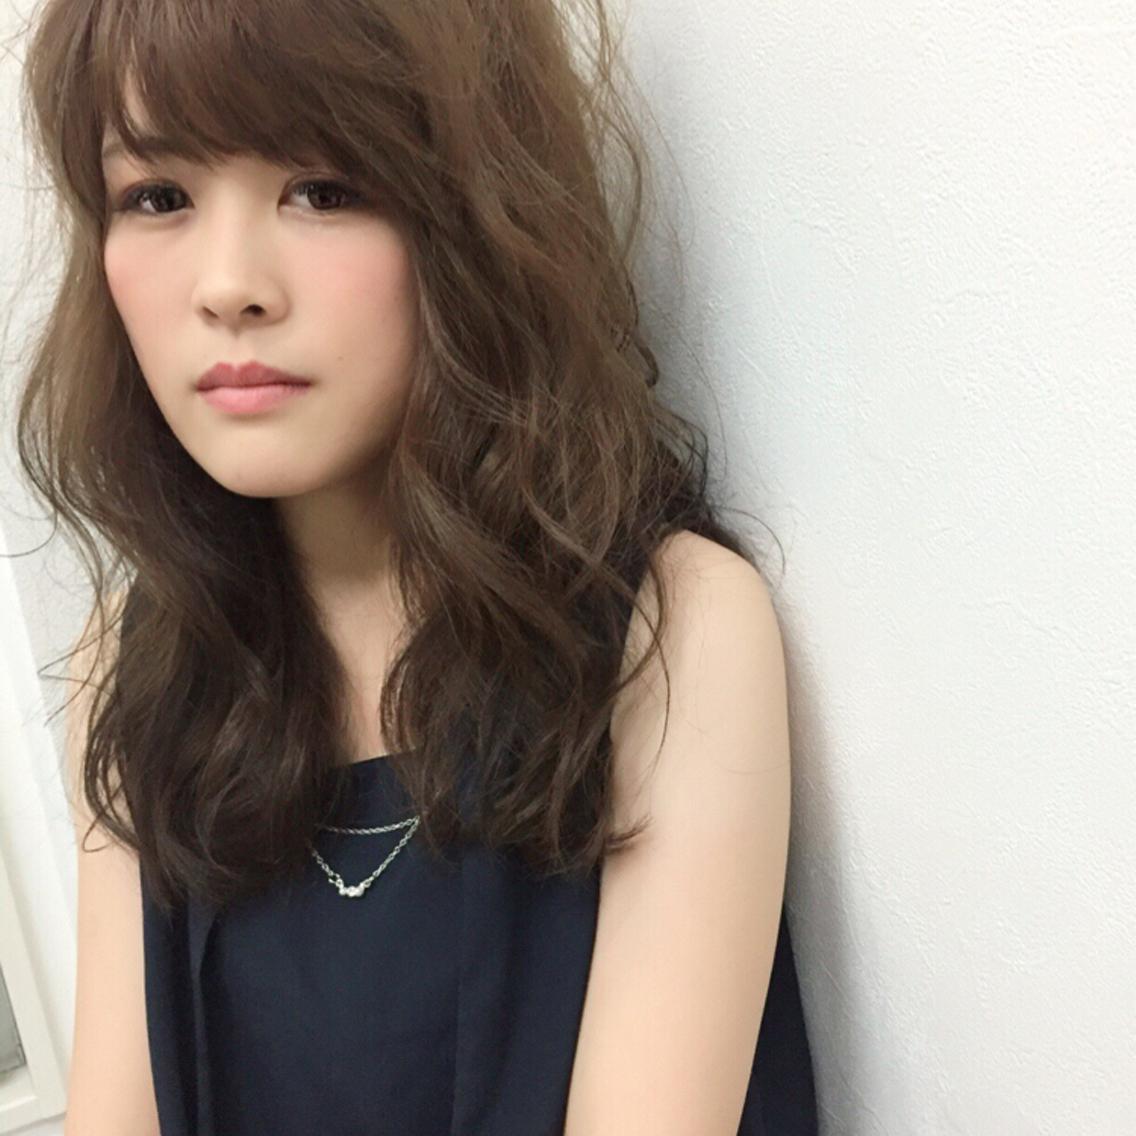 【熊谷市の美容室】J-GENICカラーコース[カット+カラーリング]!税込6880円